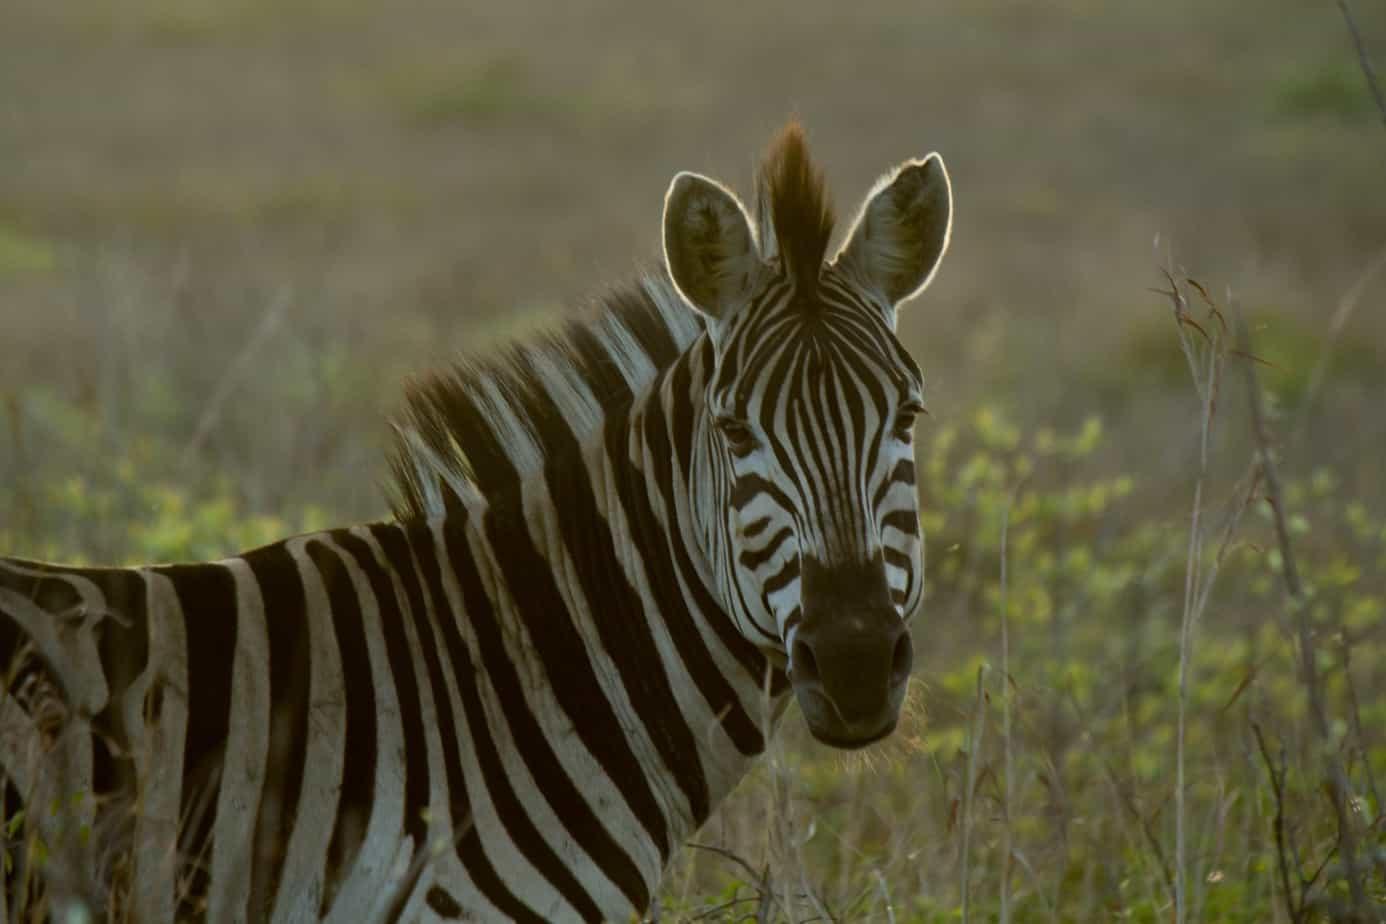 IMG 93161 - Tembe Elephant Park